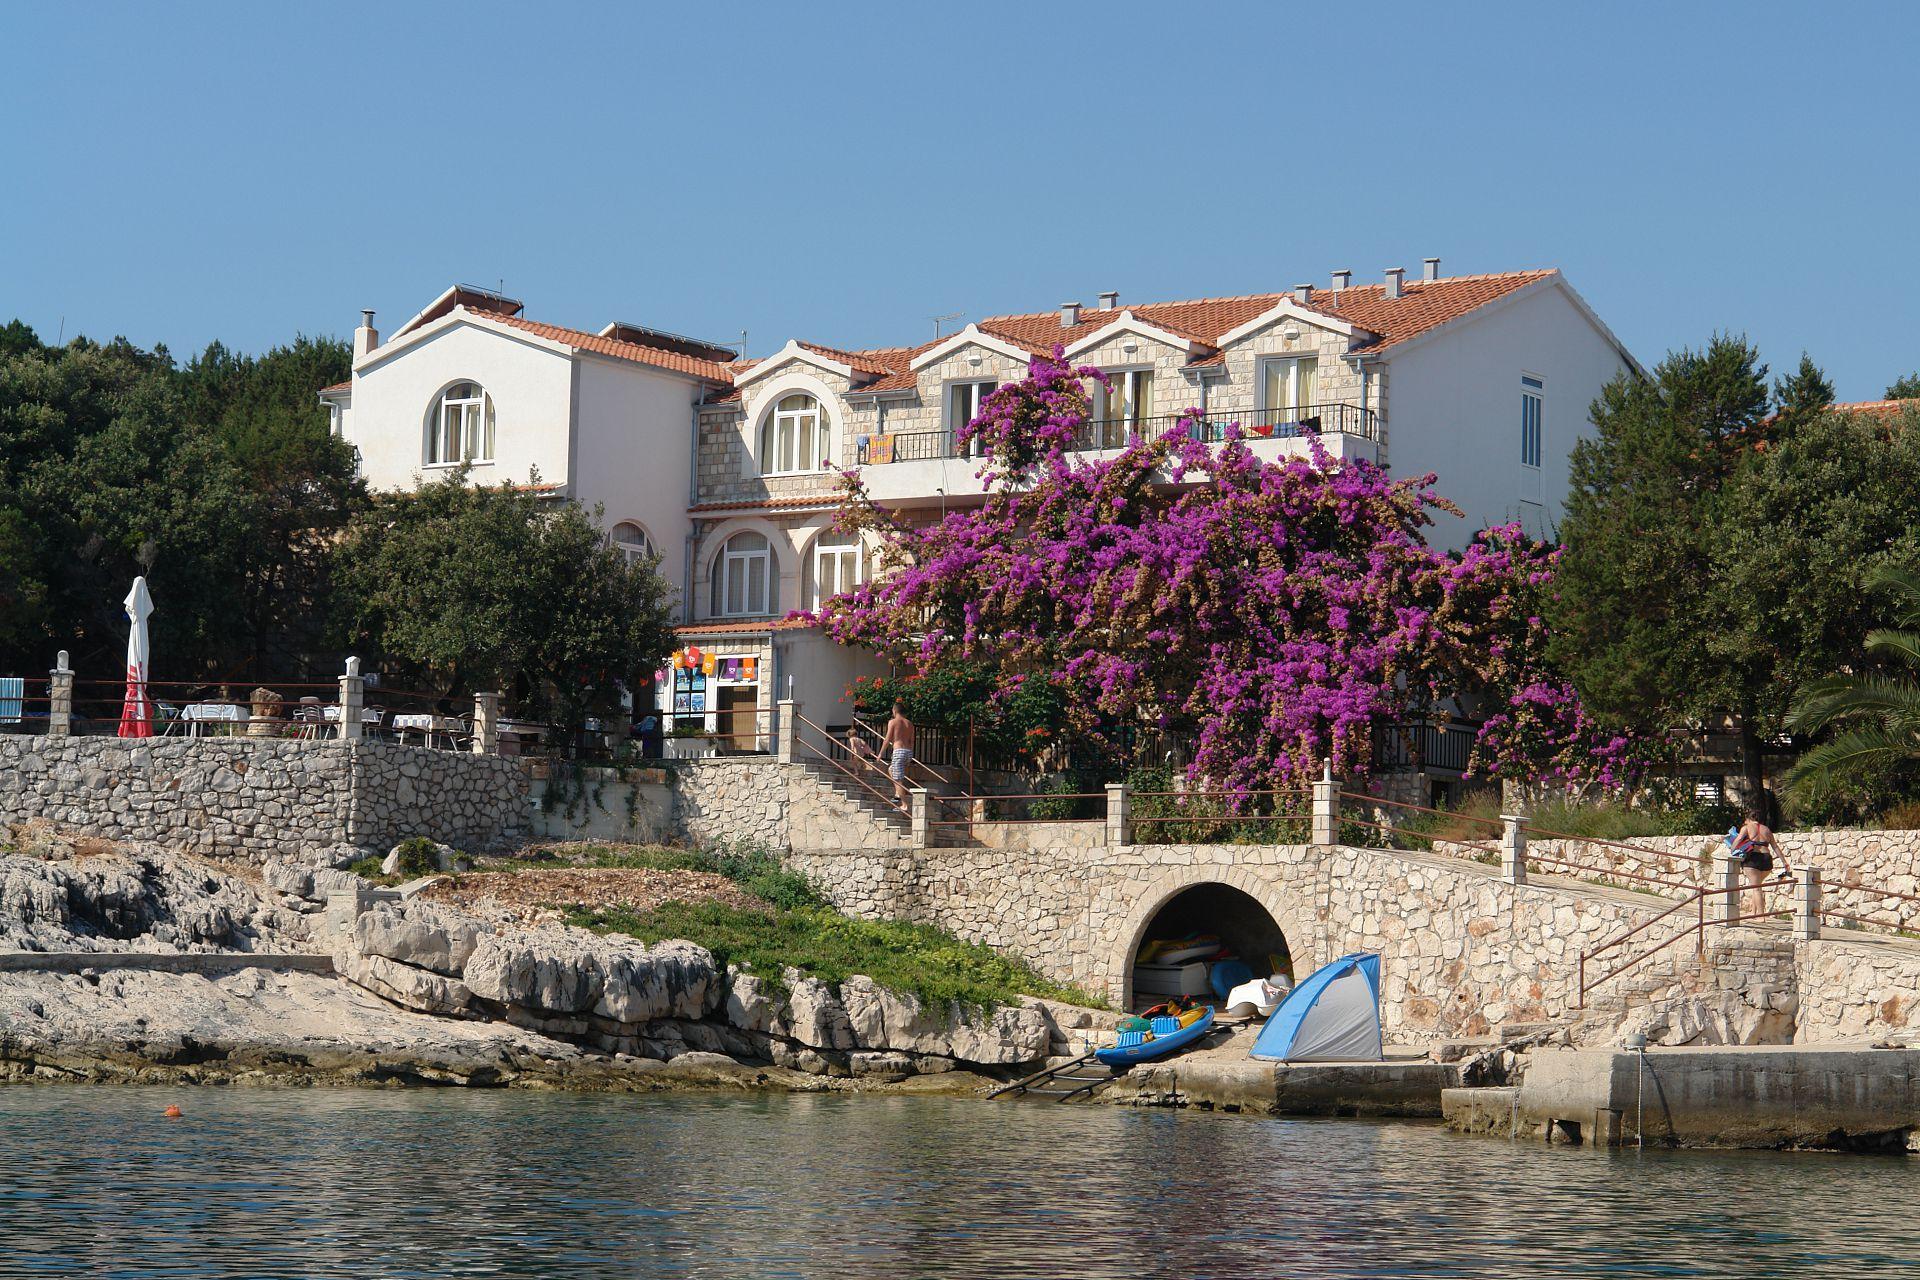 7973  - Zaliv Pokrivenik - Namestitev v zalivih Hrvaška